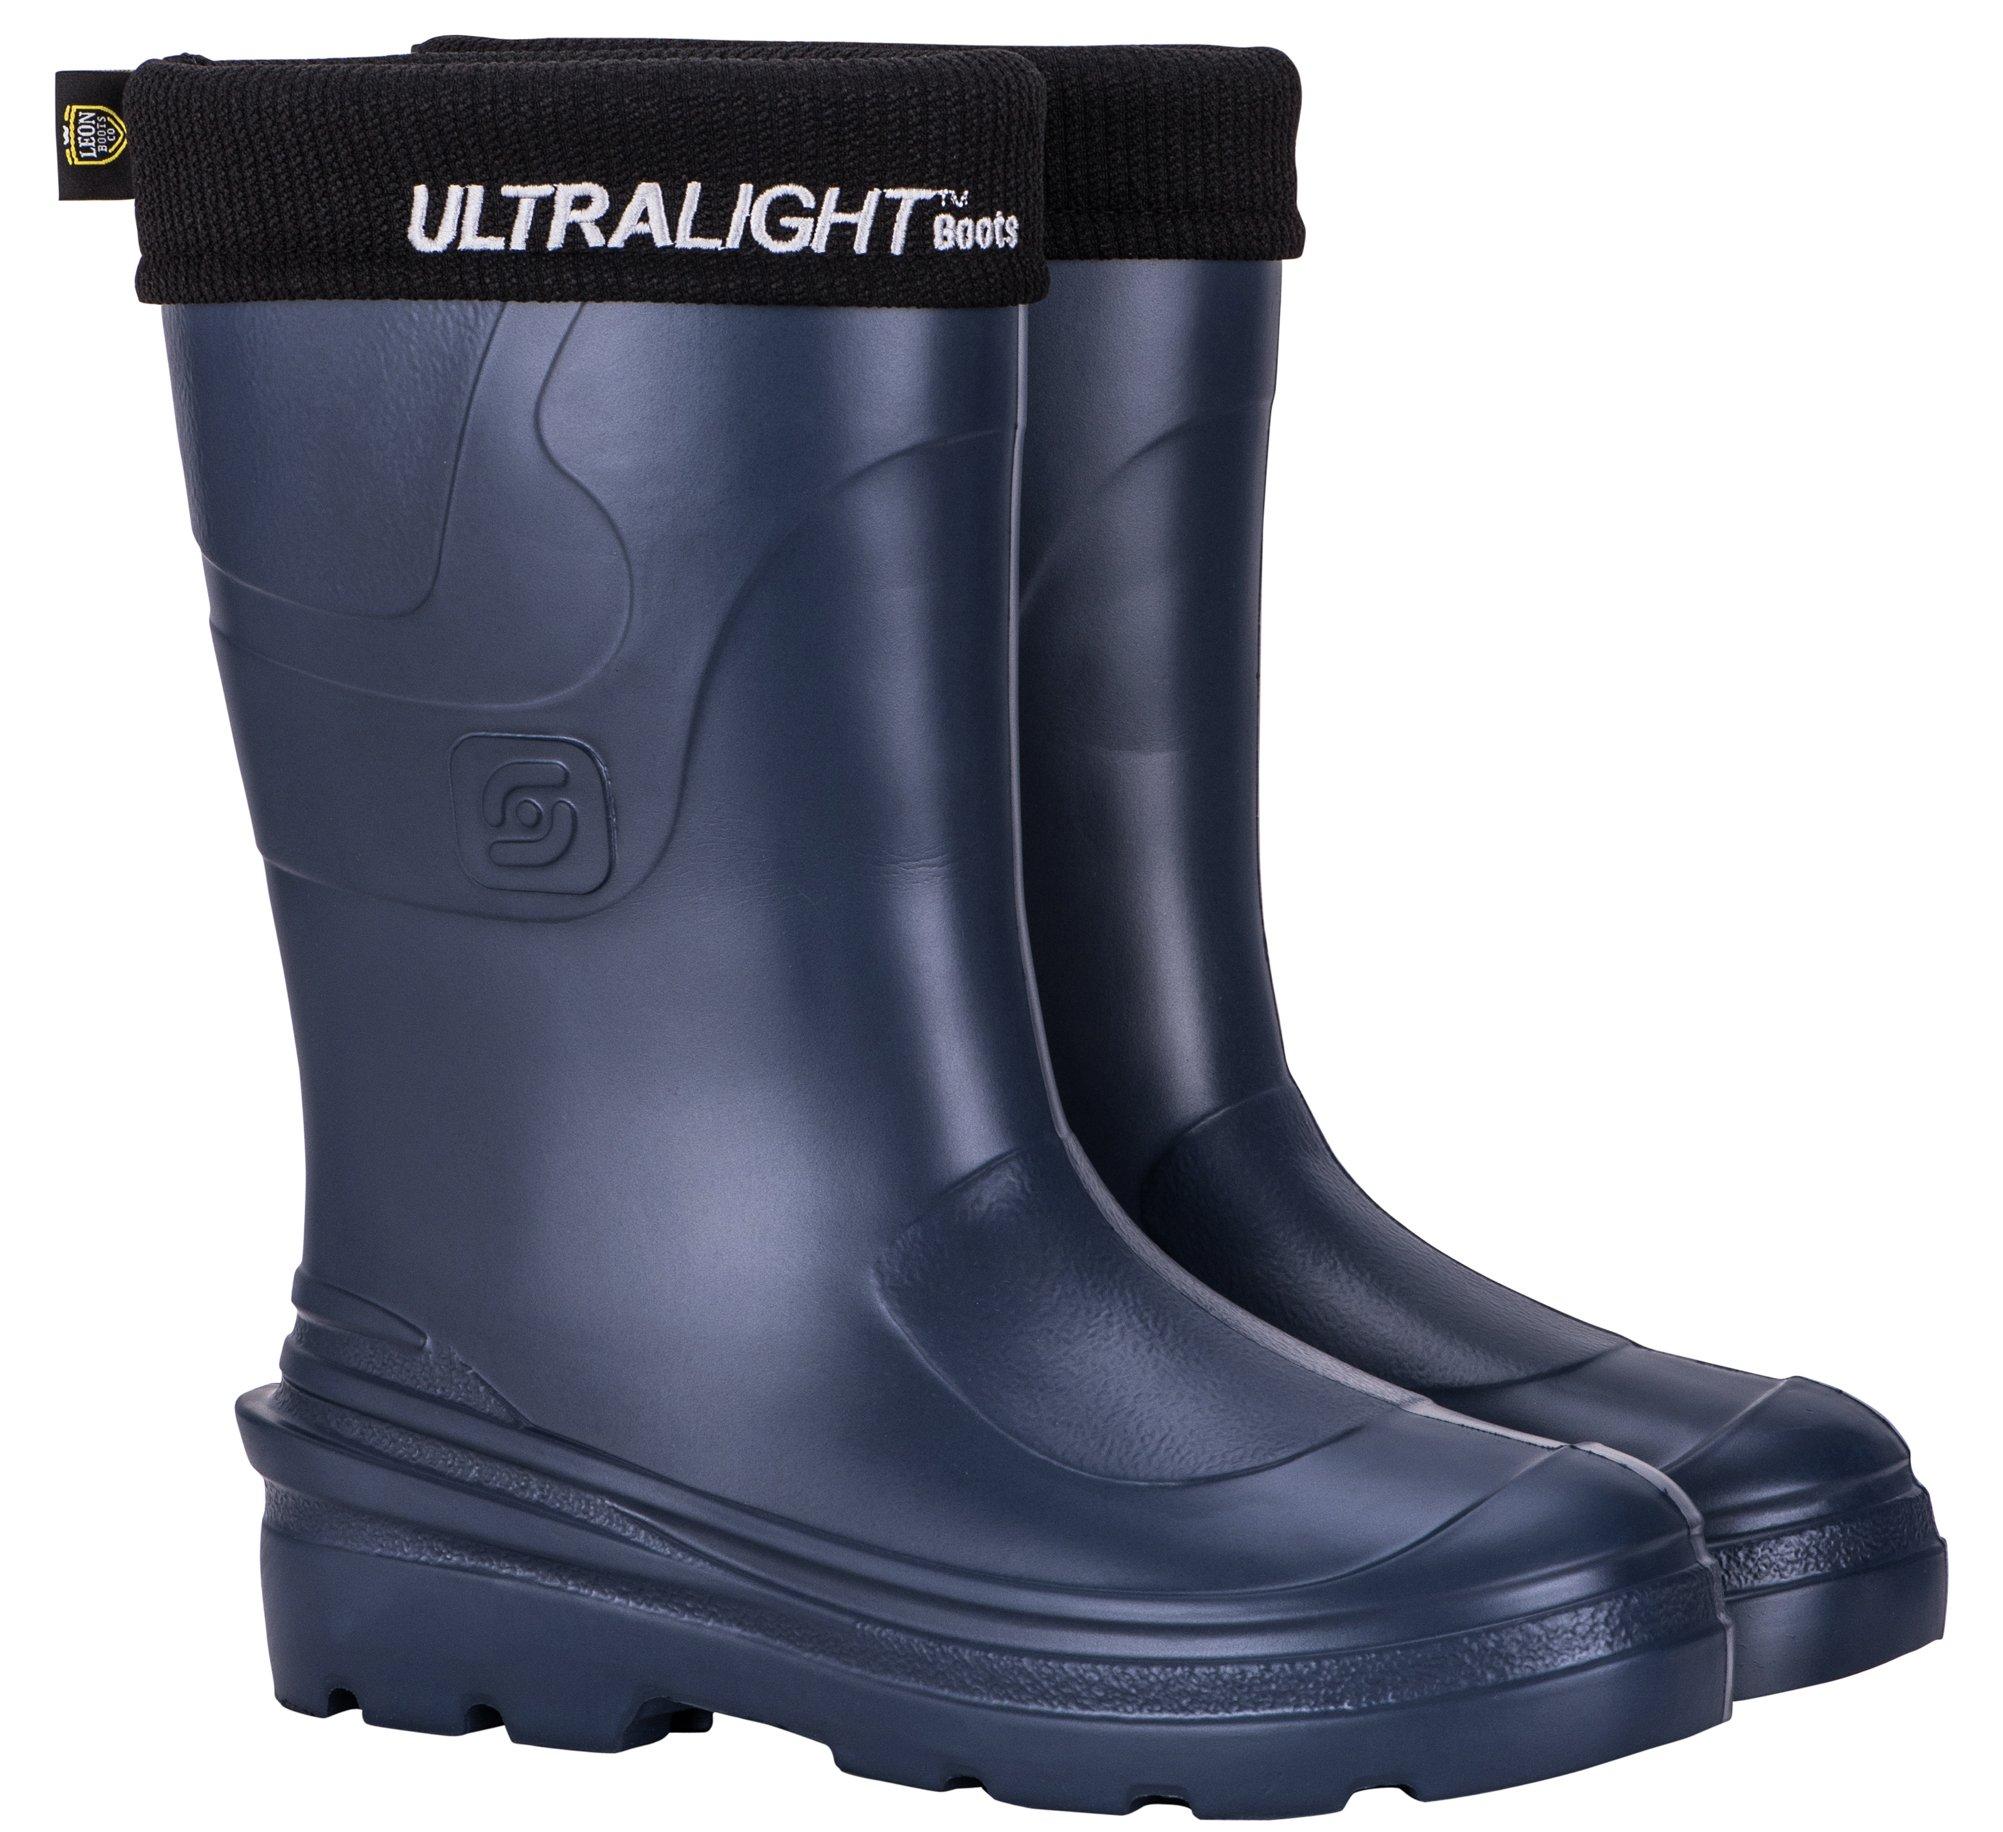 Leon Boots Super Ultralight Women's Montana Waterproof Rain and Garden Boots, Size US 7-1/2, EU 38, Navy